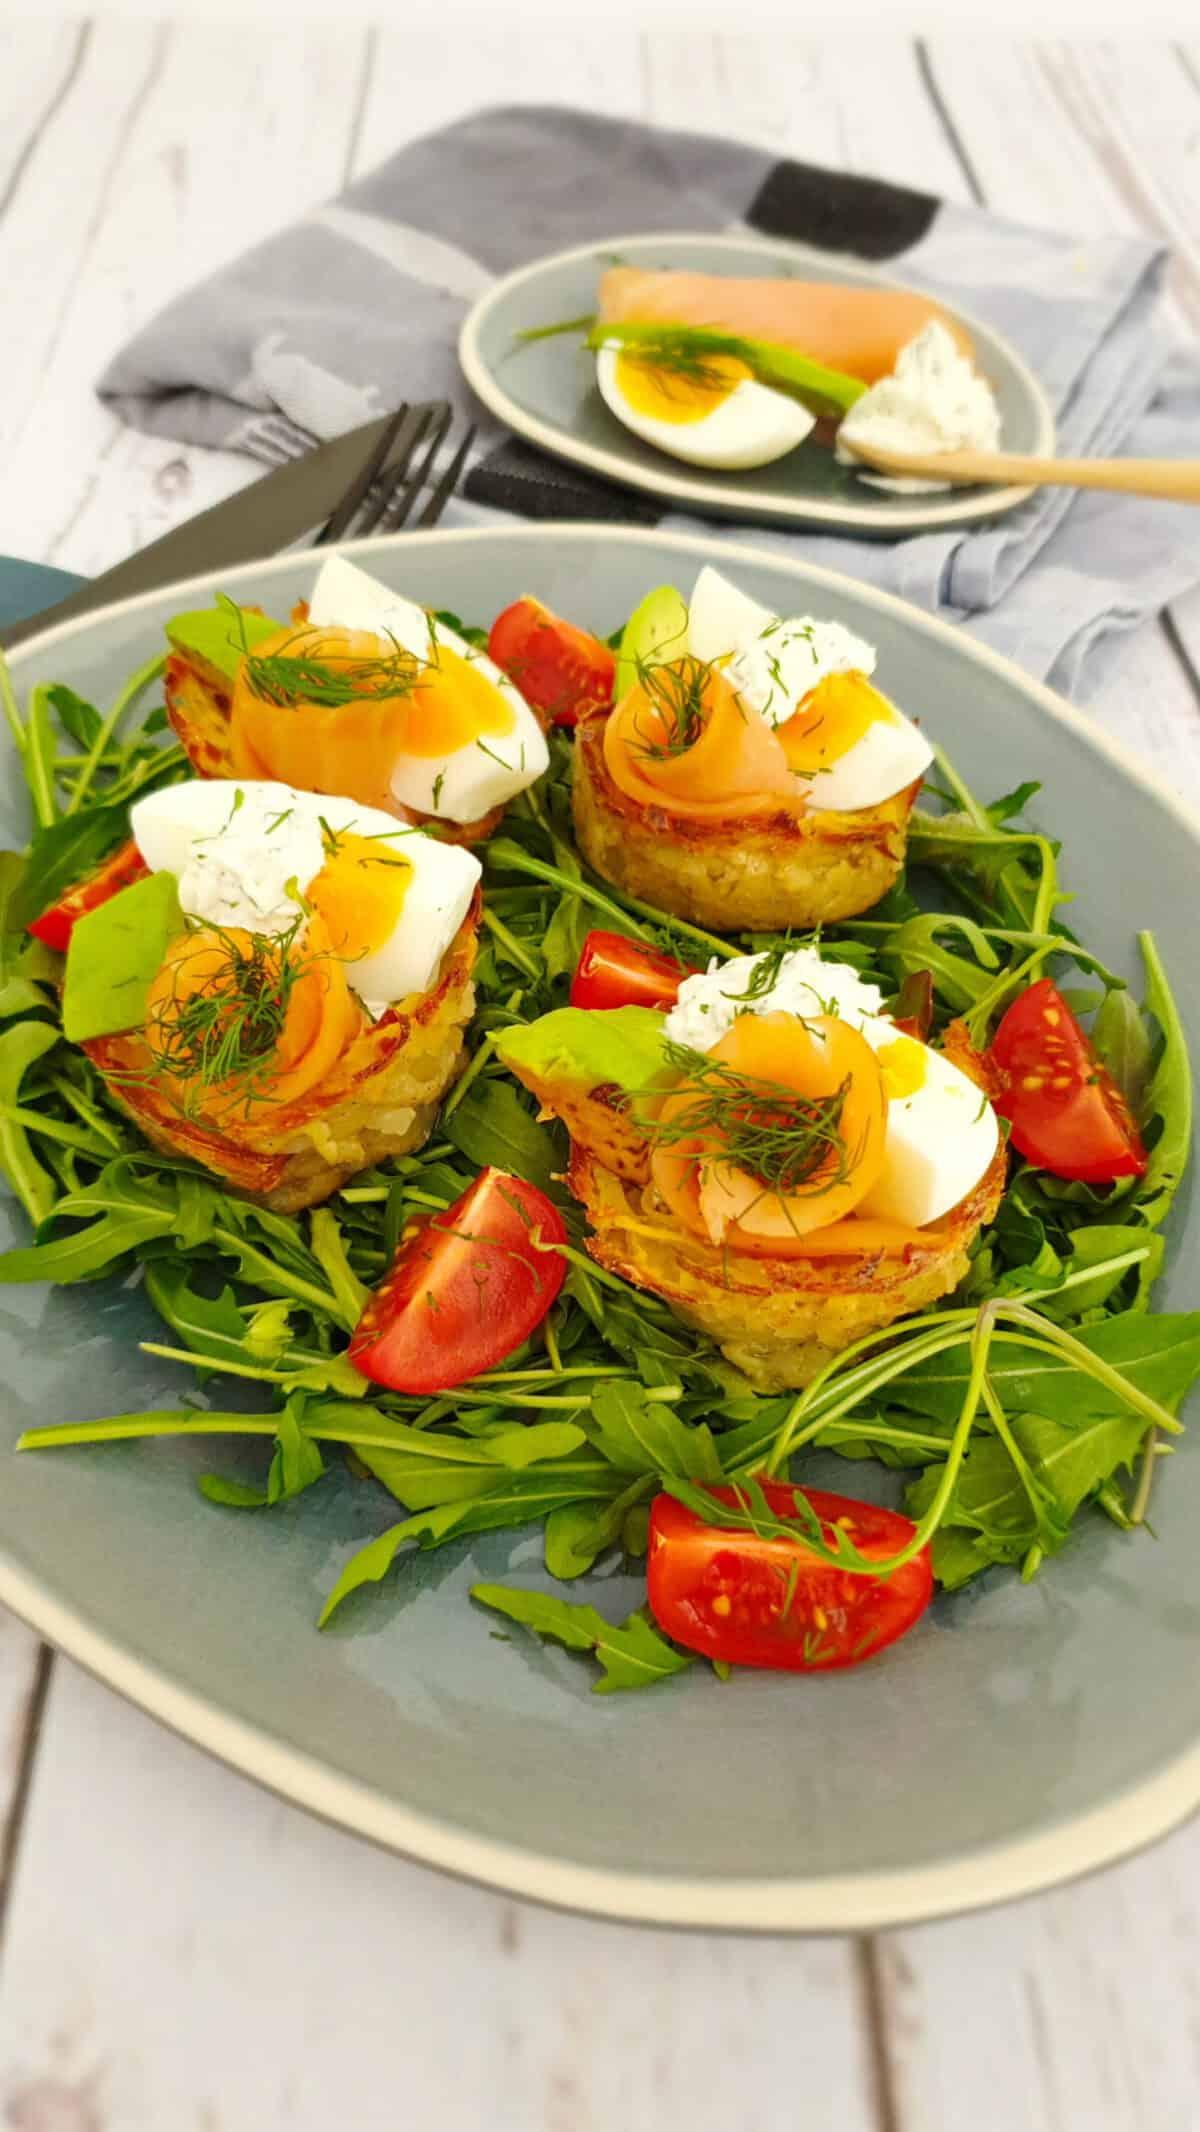 Kartoffelnester mit Lachs und Avocado angerichtet auf einem blauen Servierteller.